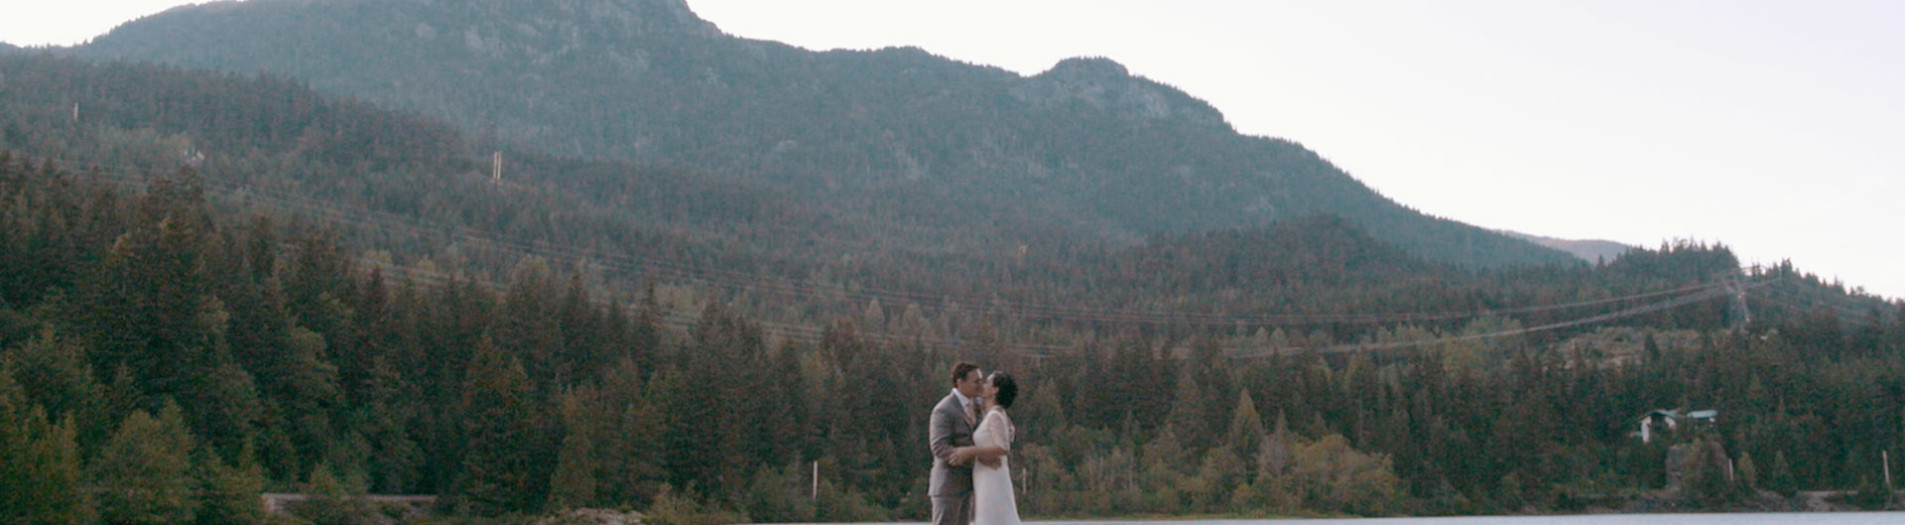 Natalie & Jess // Whistler Wedding Film // Nita Lake Lodge, Whistler, BC